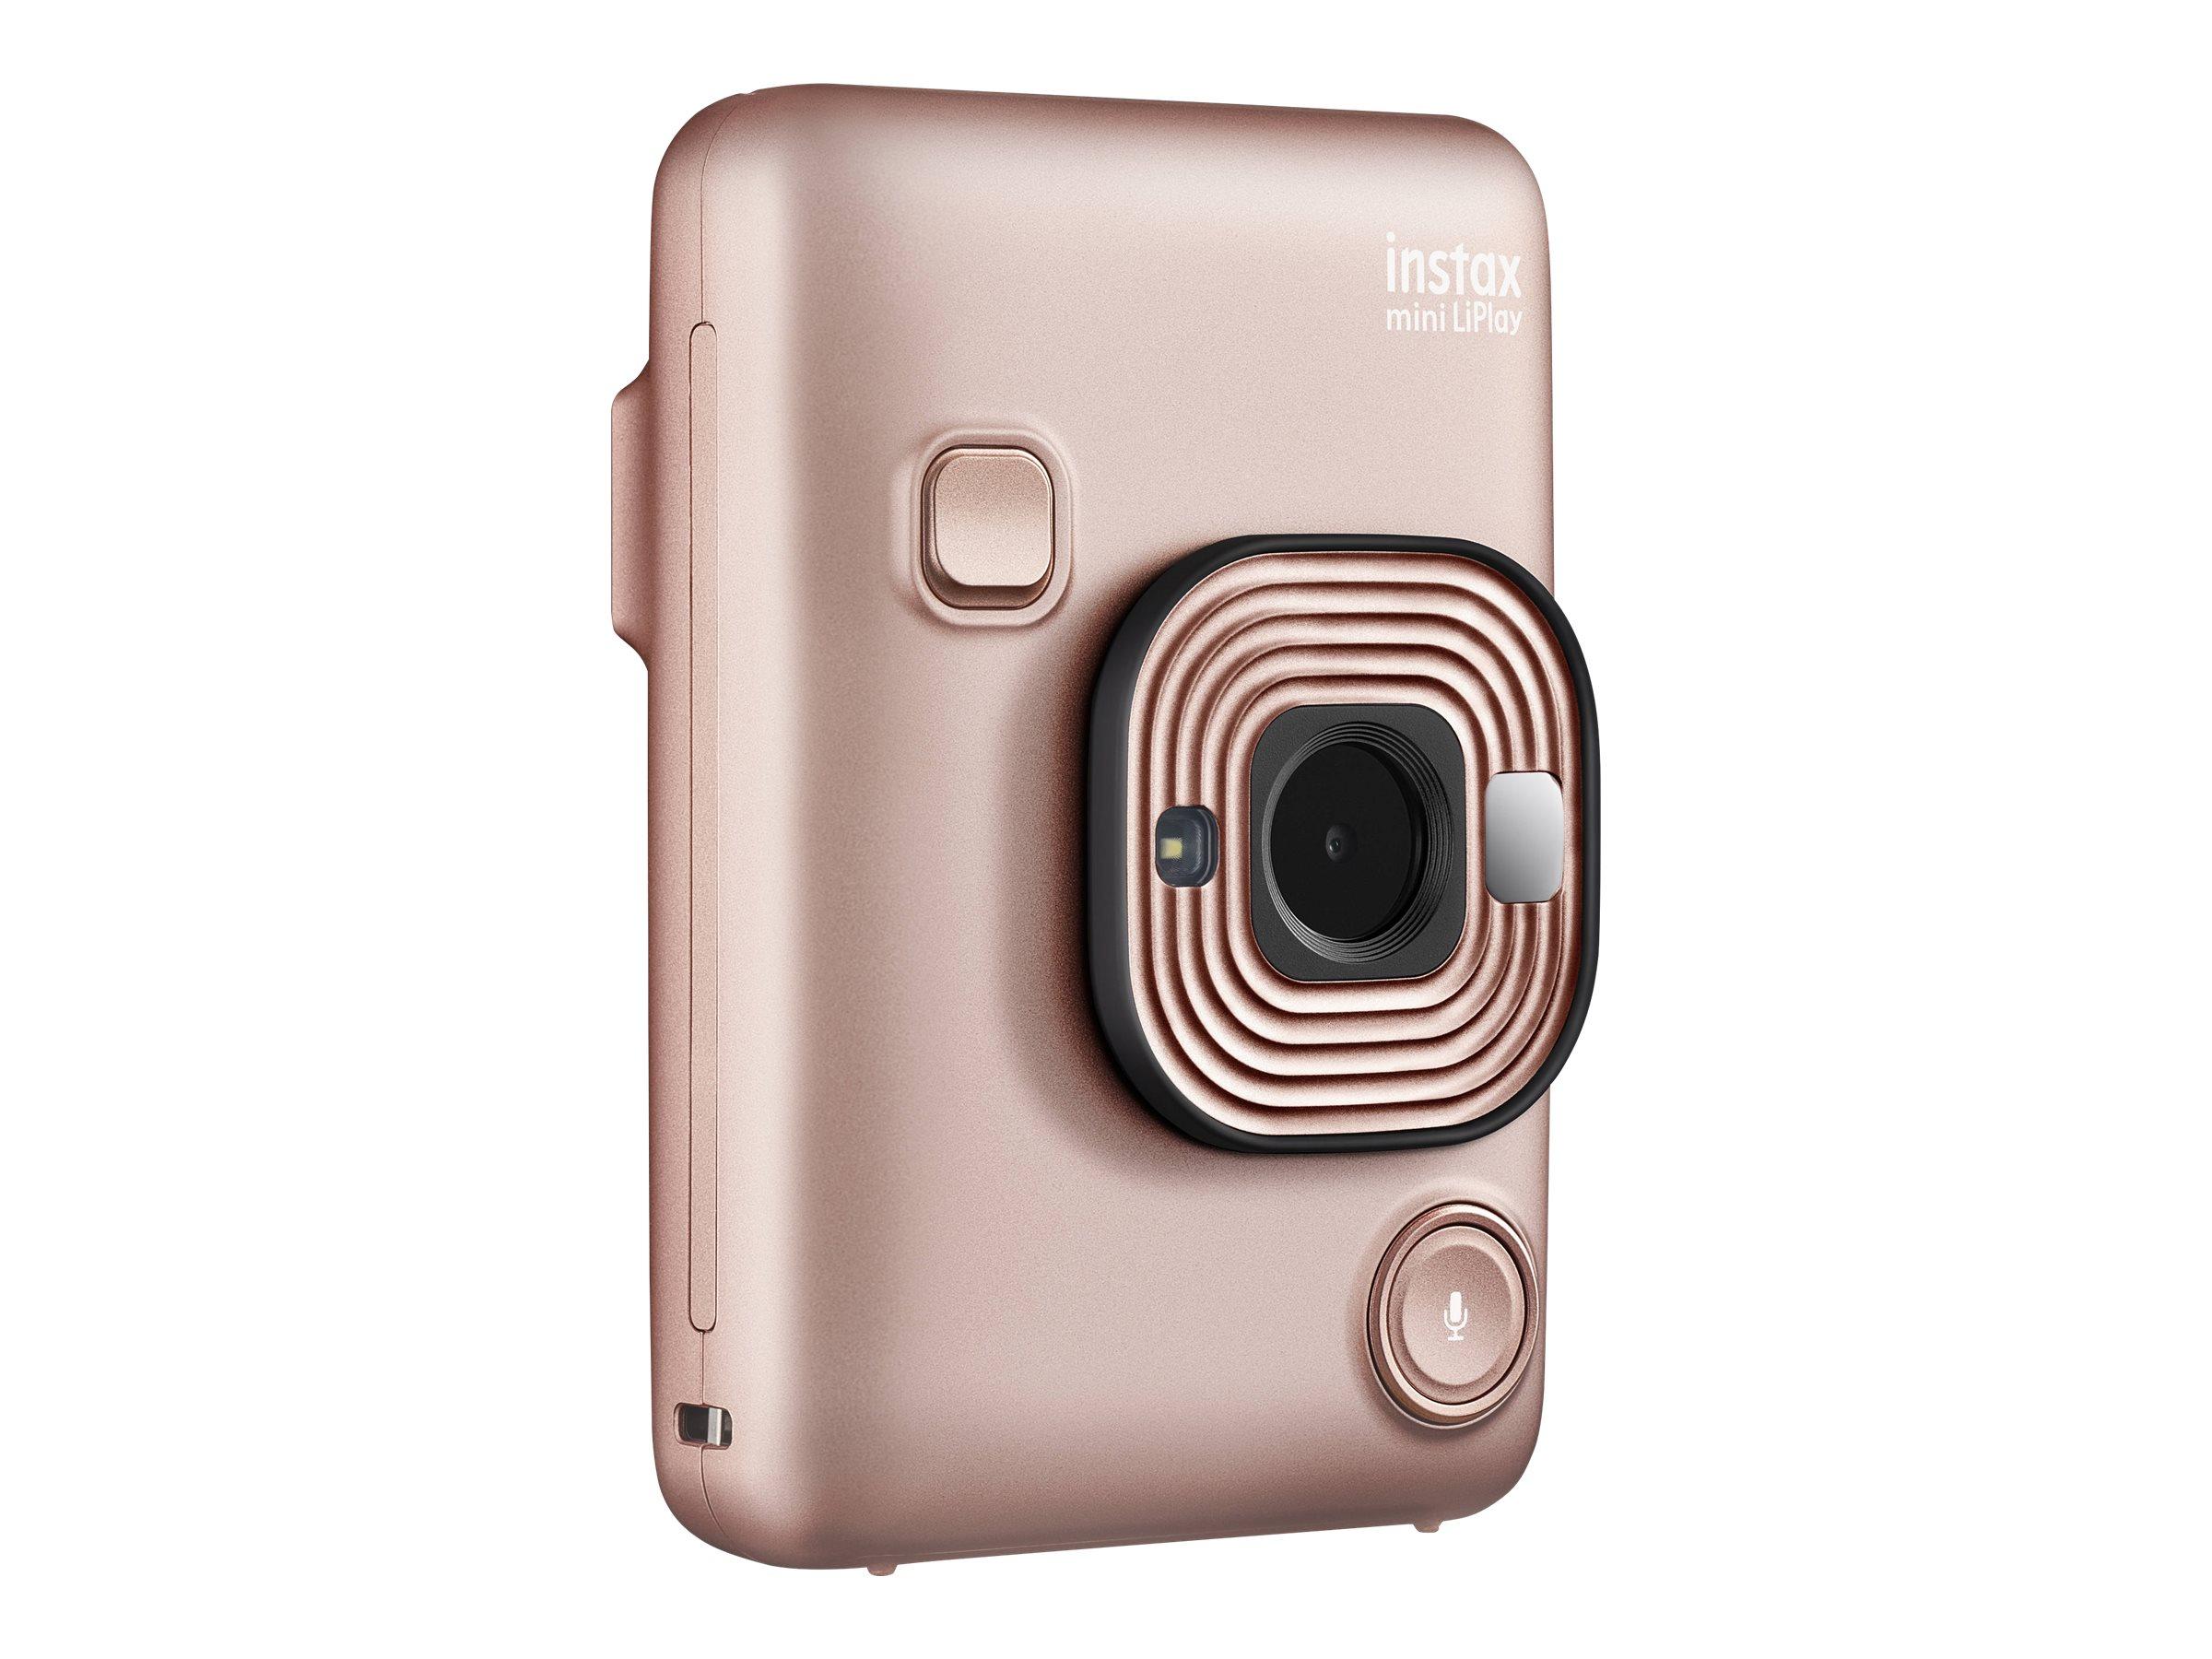 Fujifilm Instax Mini LiPlay - Digitalkamera - Kompaktkamera mit PhotoPrinter - Rotgold